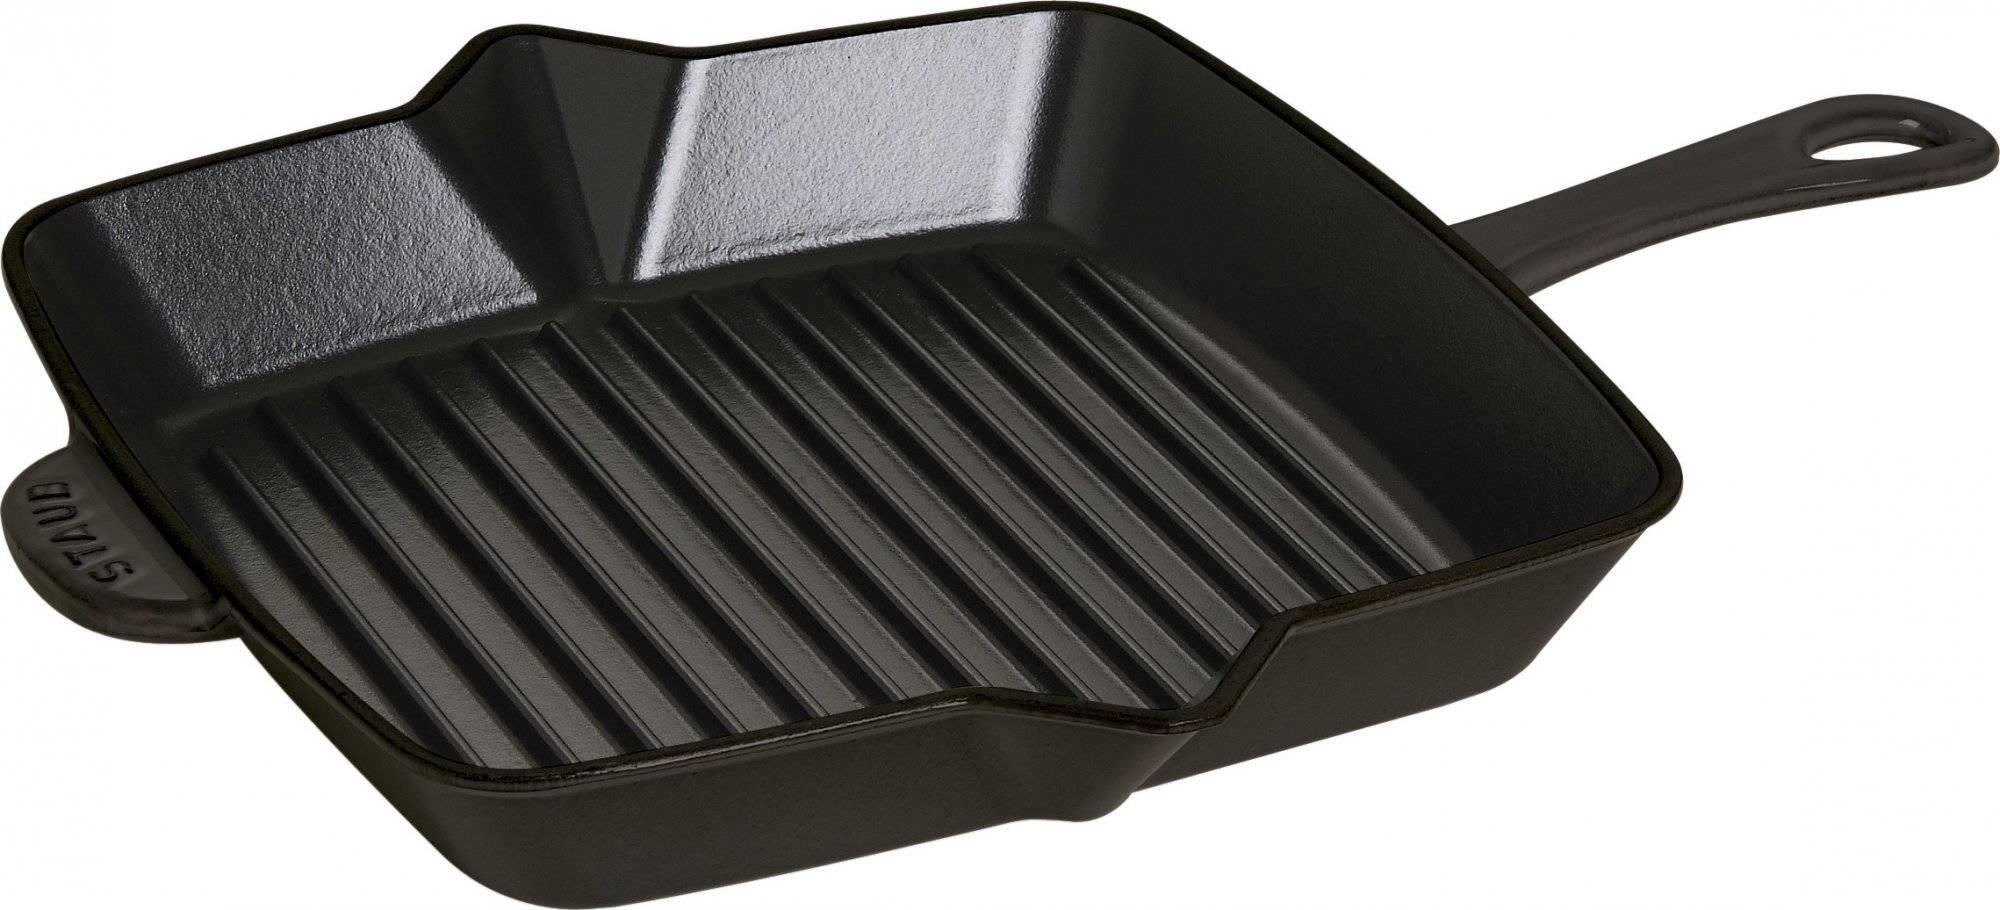 STAUB Americká grilovací pánev 30x30 cm černá + dárek k nákupu